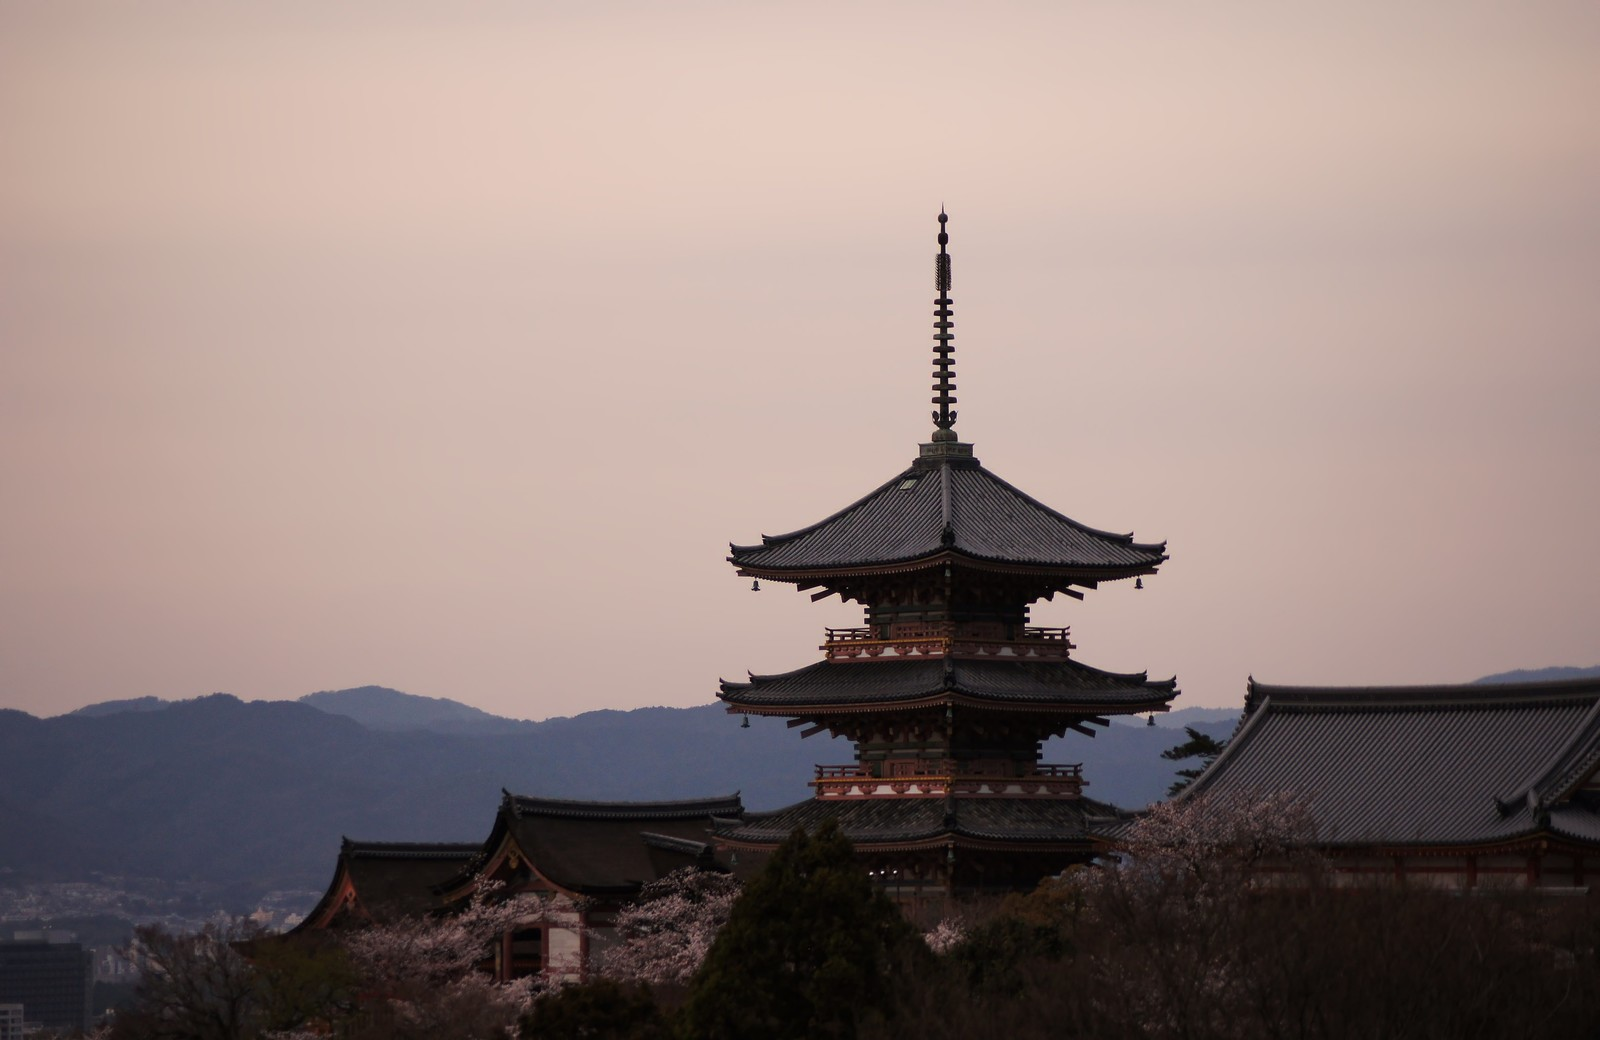 「京の街を眺める京の街を眺める」のフリー写真素材を拡大